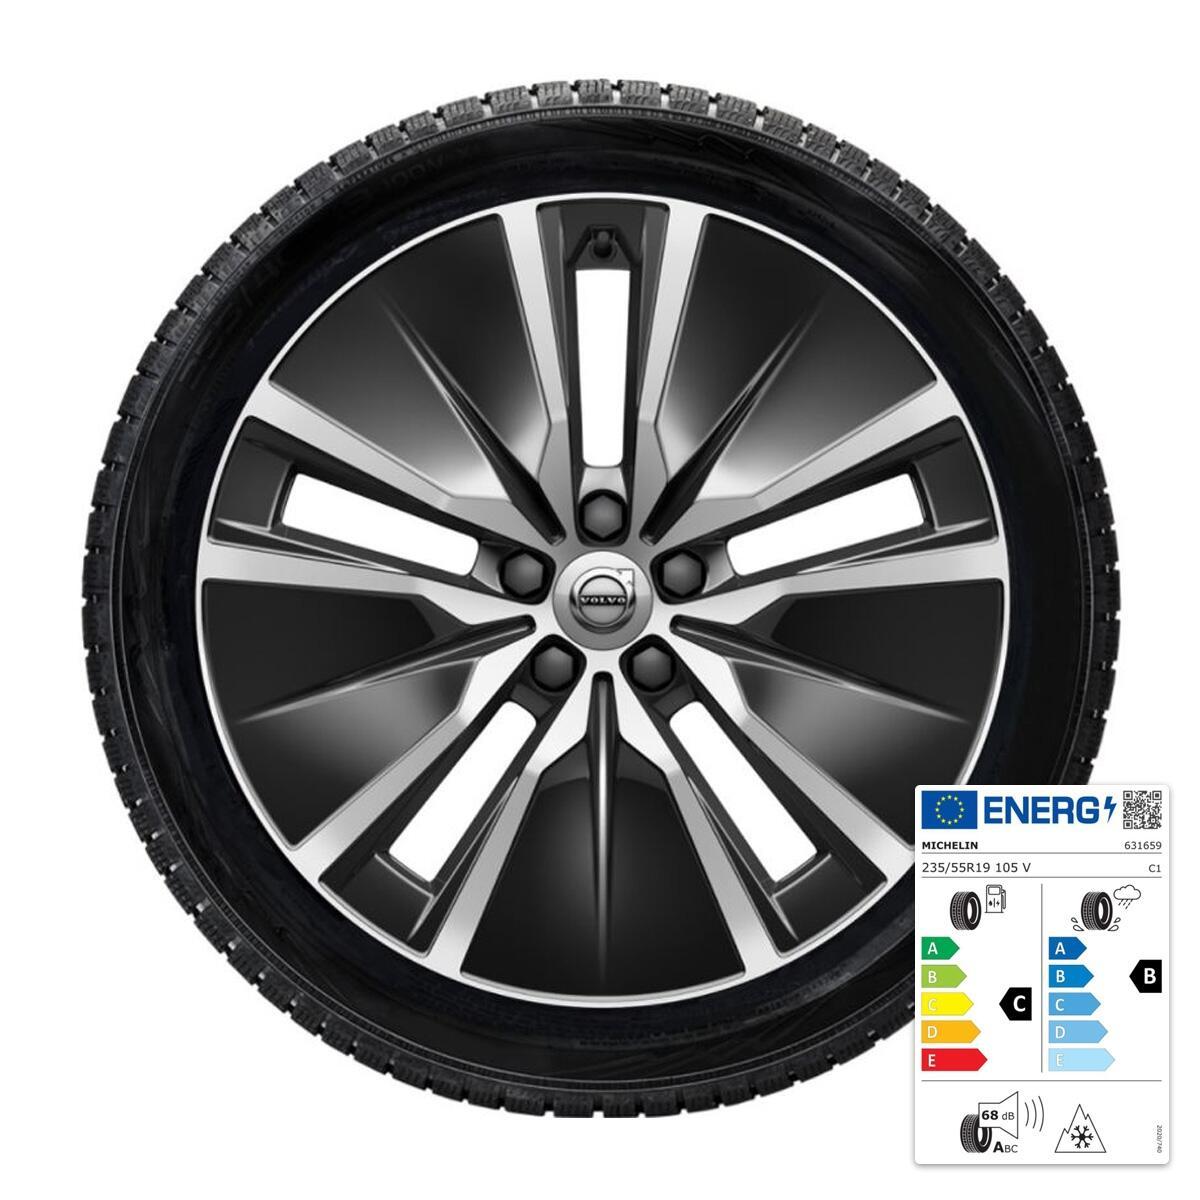 Komplet zimskih kotača:  19'', gume Michelin